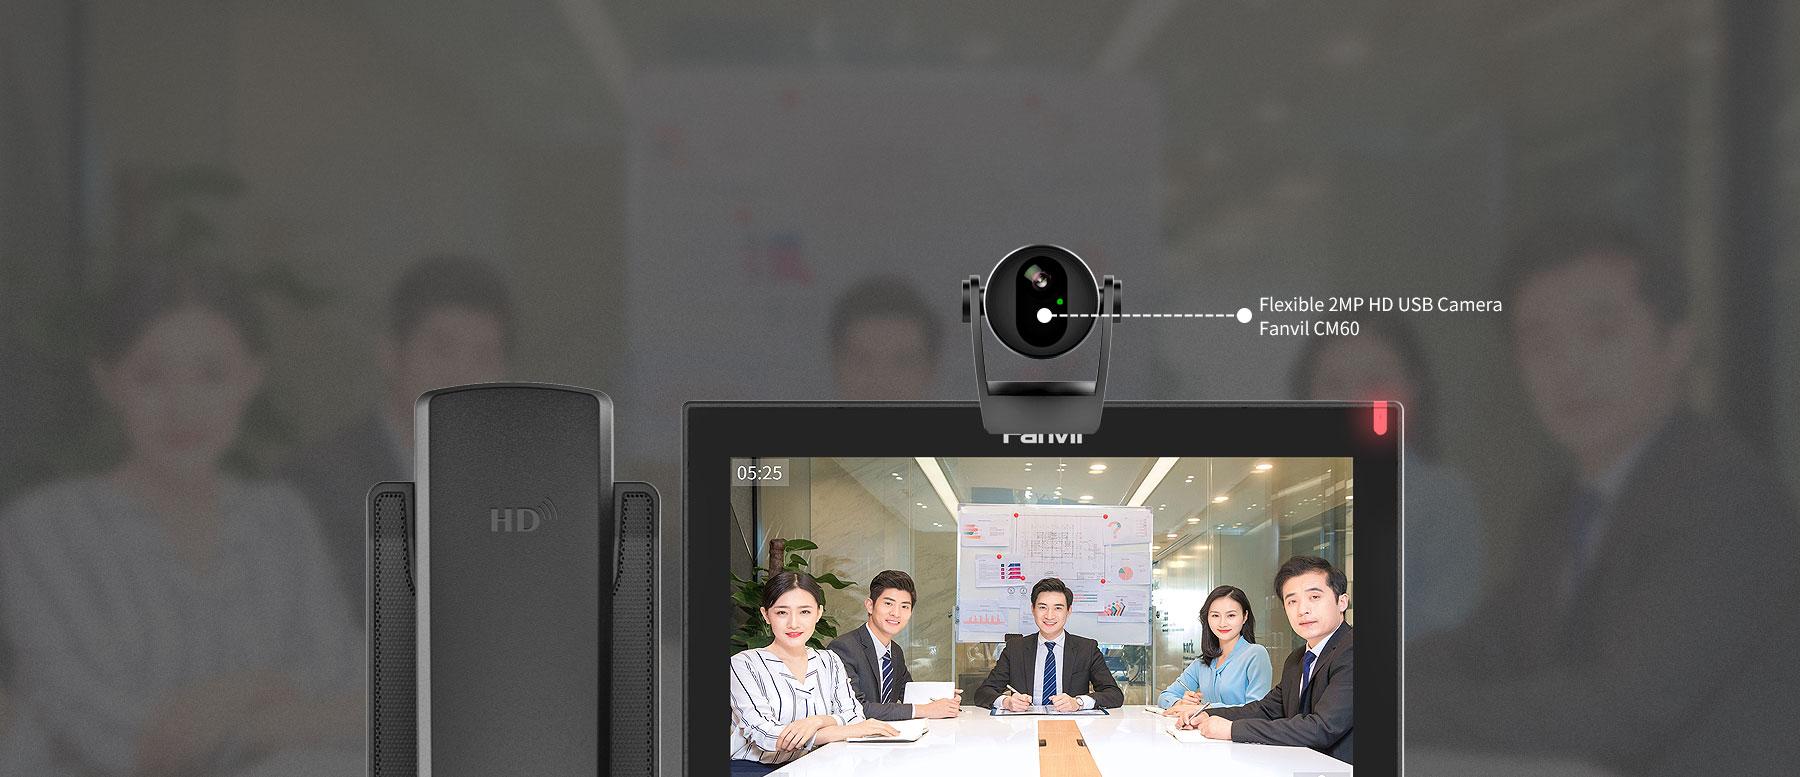 Điện thoại VoIP Fanvil X7A kết nối cuộc gọi video HD với Camera USB Fanvil CM60